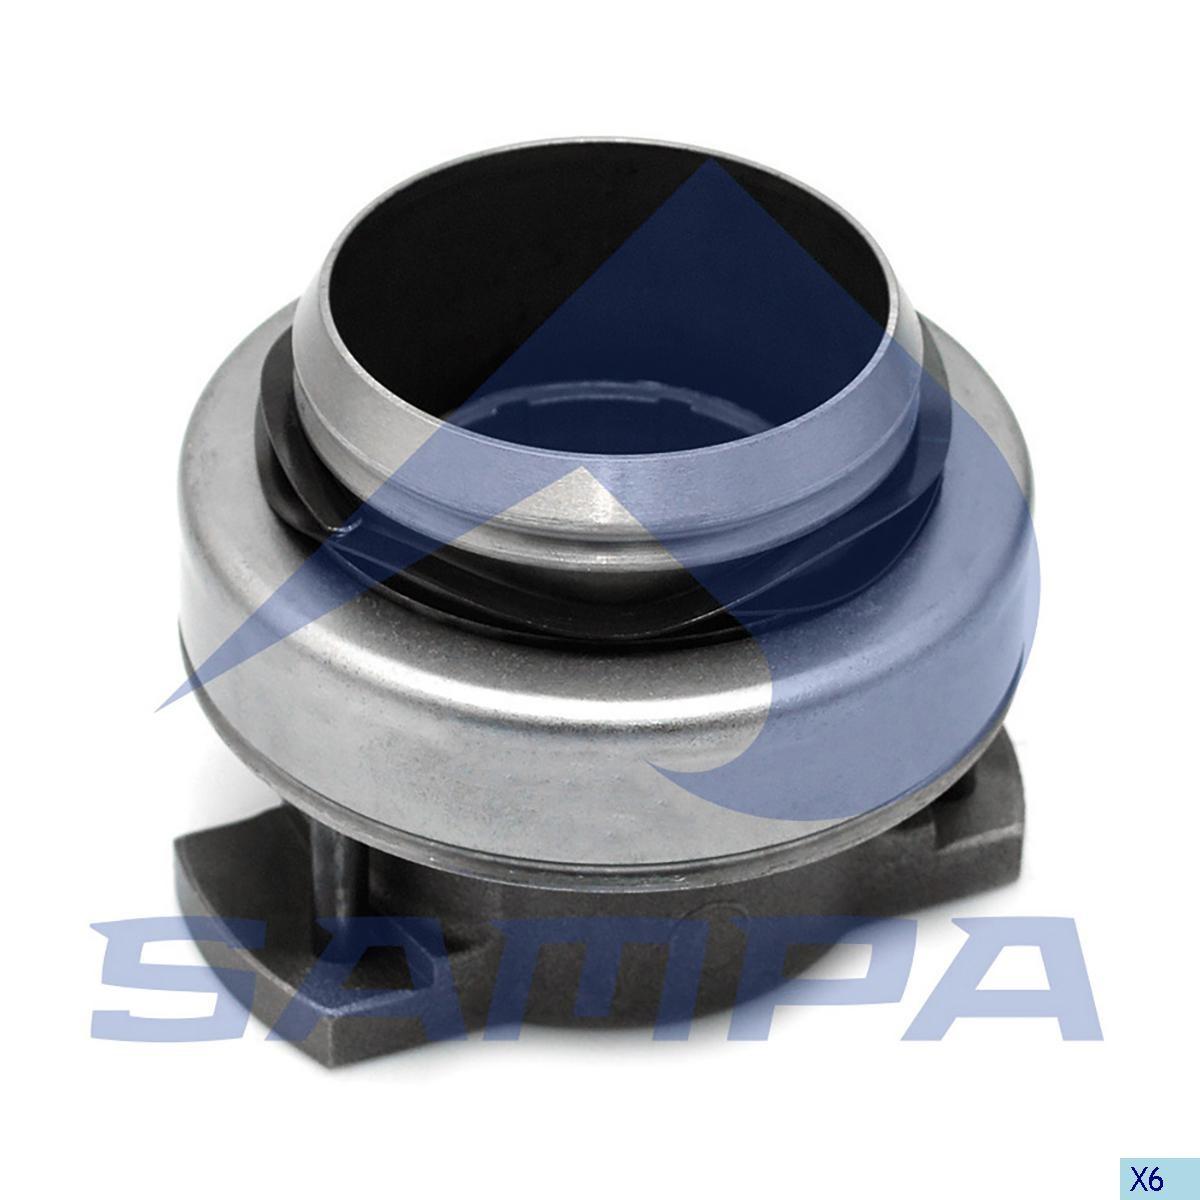 Накладки тормозные Iveco 410x180 P2 (Fomar) photo